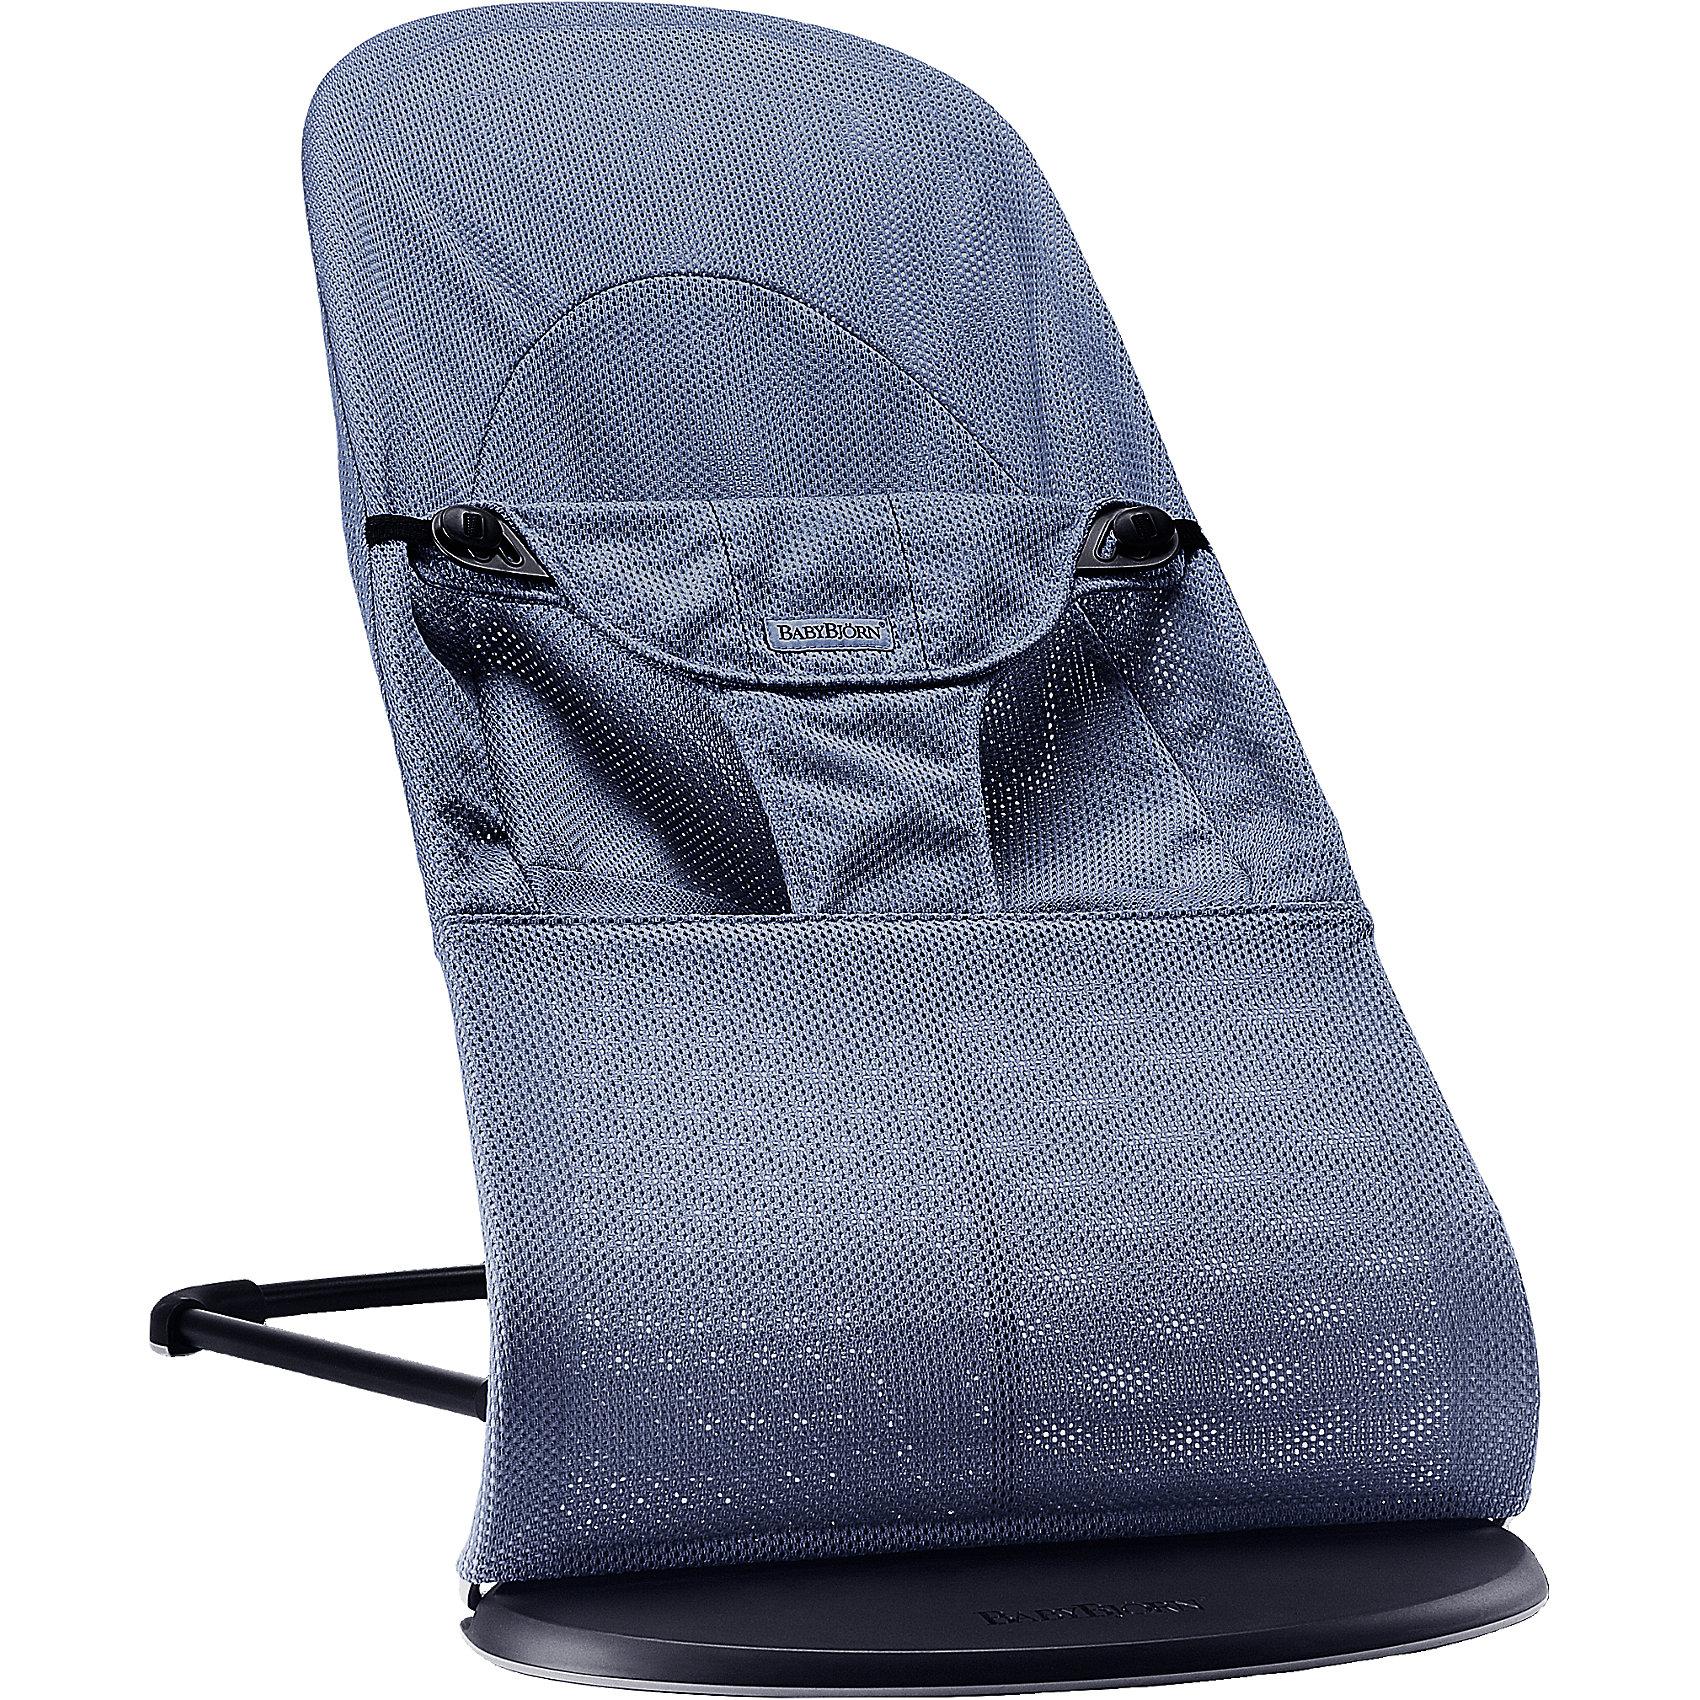 Кресло-шезлонг Balance Soft Air, BabyBjorn, синийШезлонги<br>Современное и удобное кресло-шезлонг Balance Soft Air, BabyBjorn - замечательное место для игр и отдыха малыша с самого рождения. Эргономичная конструкция сиденья обеспечивает оптимальную поддержку головы, шеи и спины малыша, мягкие ткани и округлые формы создают ощущение уюта и комфорта. В зависимости от возраста и потребностей ребенка устройство можно использовать в двух режимах - шезлонг или кресло. Шезлонг рекомендуется использовать для новорожденных (от 3,5 кг.) и малышей до 6 мес. Спинка имеет три положения: игра, отдых и сон, при этом для каждого положения предусмотрен максимальный вес (игра - до 9 кг, отдых - до 9 кг, сон - до 7 кг.). Покачивание кресла-шезлонга обеспечивается за счет движений ребенка, доставляя ему радость и развивая моторику и баланс. Специальные поддерживающие трусики в нижней части шезлонга надежно фиксируют малыша в кресле. В данной серии они имеют улучшенную форму, а их верхняя часть выполнена в виде мягкой подушечки.<br><br>Для детей постарше, которые уже могут самостоятельно вставать и садиться, шезлонг трансформируется в удобное детское кресло. Для каждого положения в режиме кресло рекомендуется соблюдать следующий максимальный вес: игра - до 13 кг, отдых - до 10 кг, сон - до 7 кг: Модели серии Balance Soft Air отличаются специально разработанным сетчатым материалом Mesh, который обладает высокой воздухопроницаемостью и влагопроводящими свойствами. Ткани, находящиеся в непосредственной близости к ребенку, протестированы и одобрены в соответствии со стандартом Oeko-Tex 100. Кресло легко и компактно складывается для хранения или транспортировки. Тканевый чехол легко снимается, допускается машинная стирка при 40°C. Подходит для детей от 0 месяцев до 2 лет, максимальный вес - 13 кг.<br><br>Дополнительная информация:<br><br>- Цвет: синий.<br>- Материал: 100% хлопок, 100%-ный полиэстер. <br>- Возраст: 0 мес. - 2 года.<br>- Размер в максимально высоком положении: 58 x 89 x 39 см.